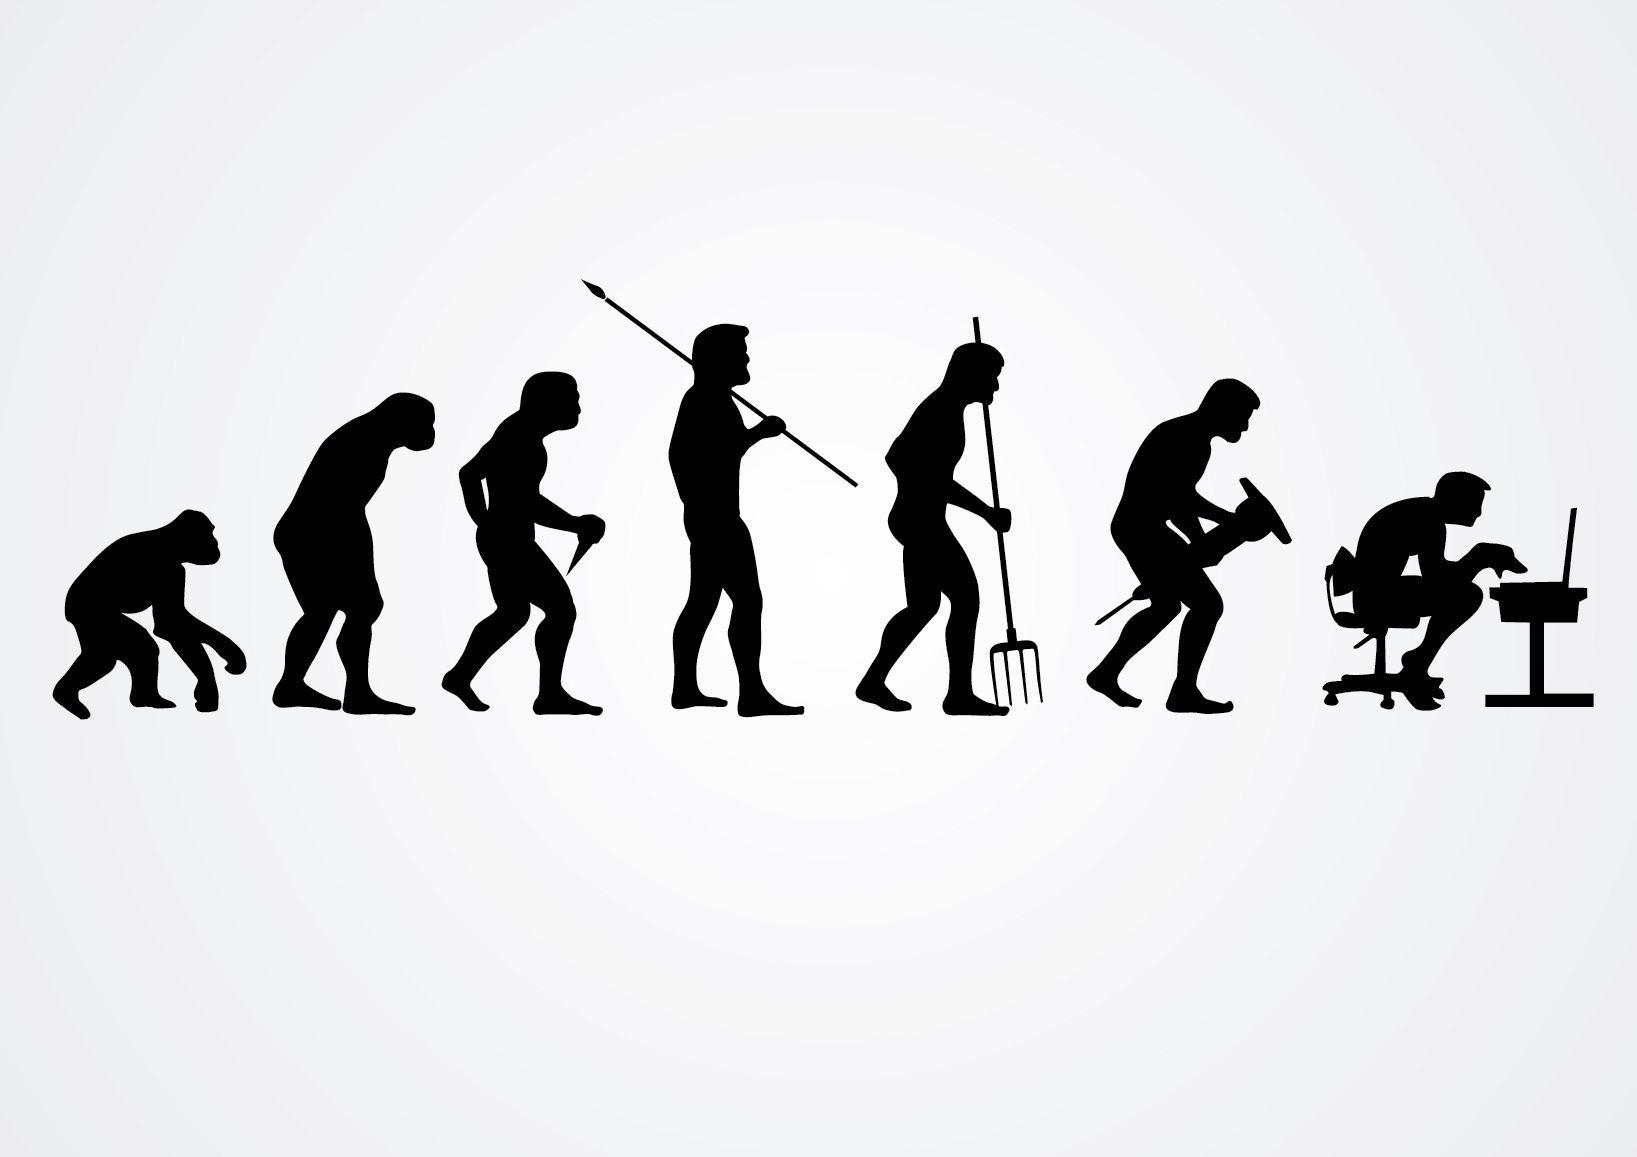 Evolución de las siluetas del trabajo humano